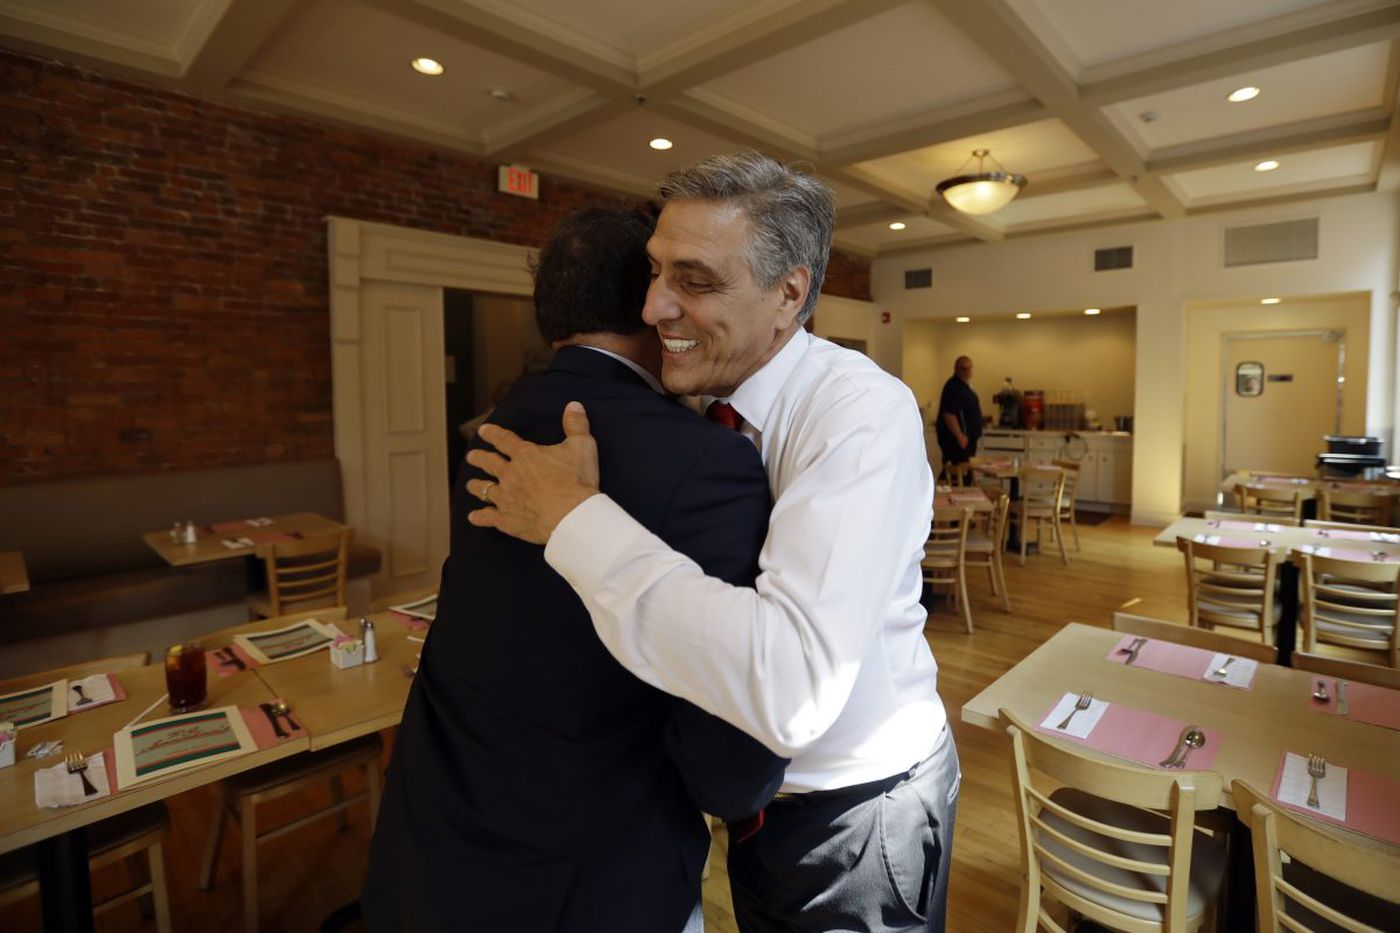 Lou Barletta wins Republican U.S. Senate primary